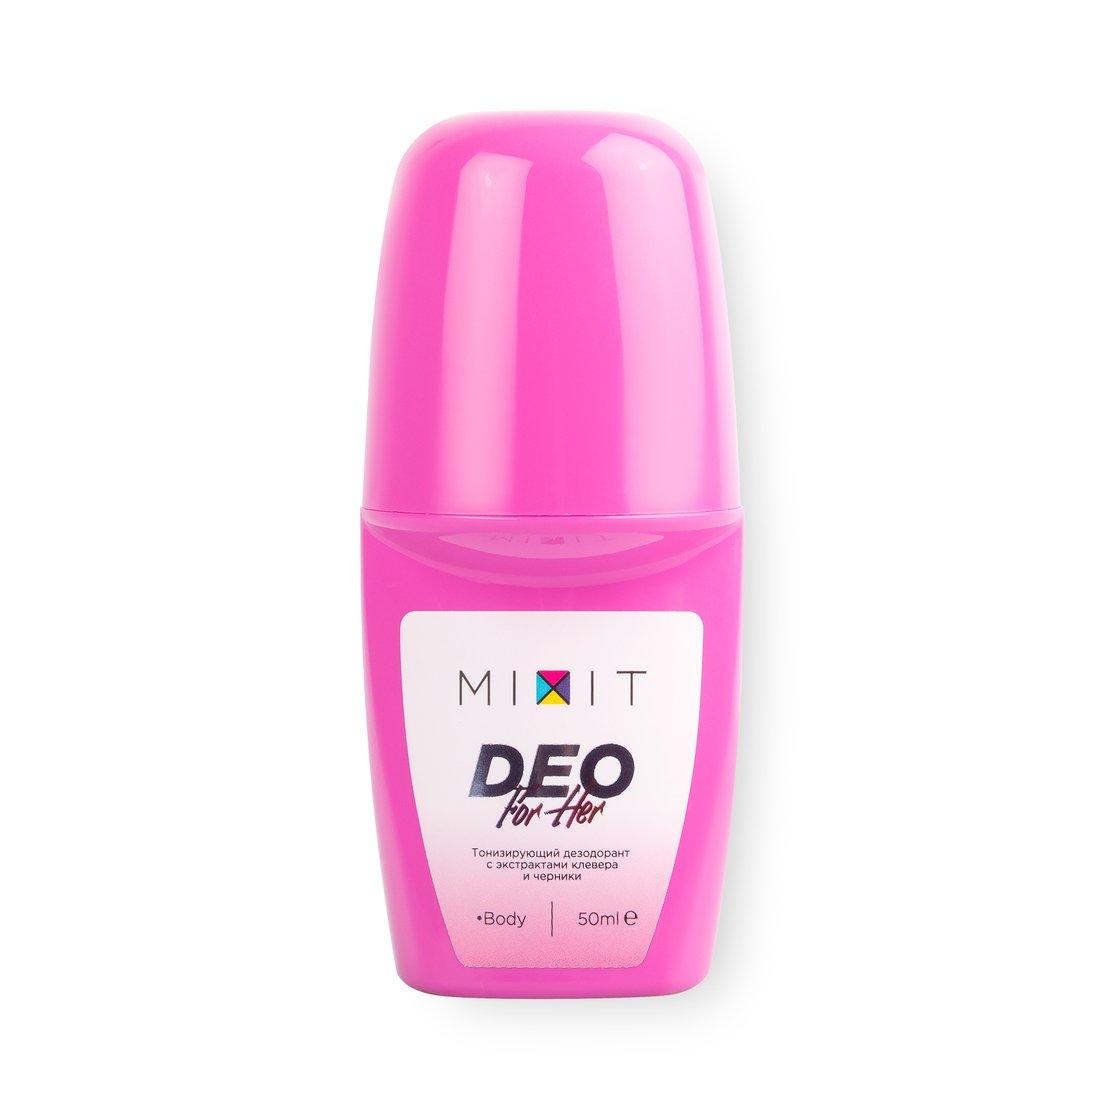 Тонизирующий дезодорант с экстрактами клевера и черники, 50 мл Mixit